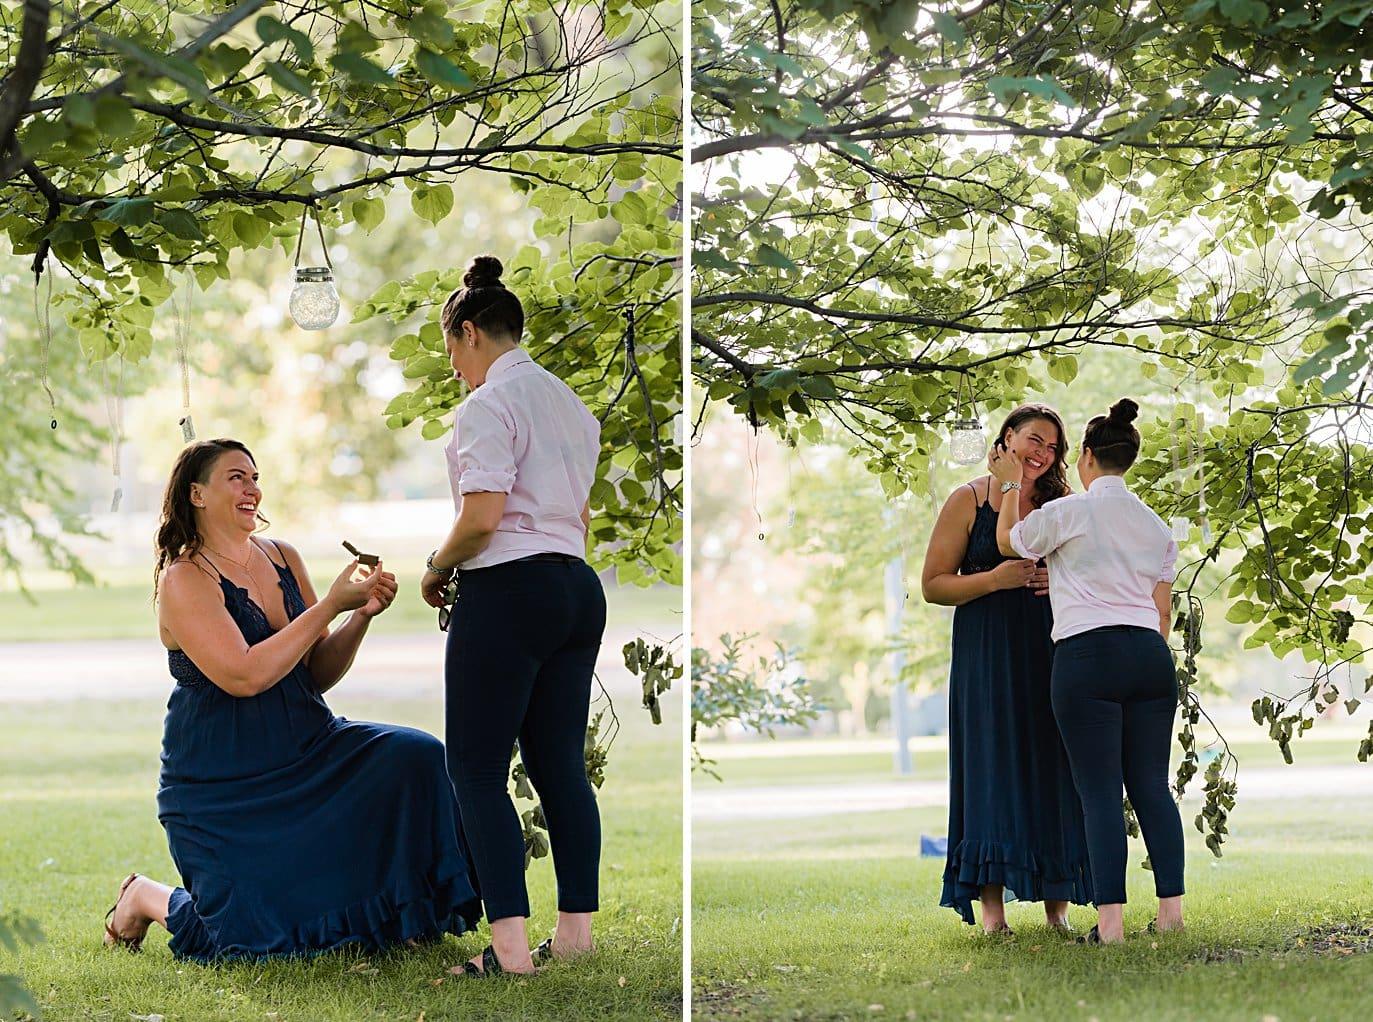 surprise proposal in City Park Denver by Denver proposal photographer Jennie Crate